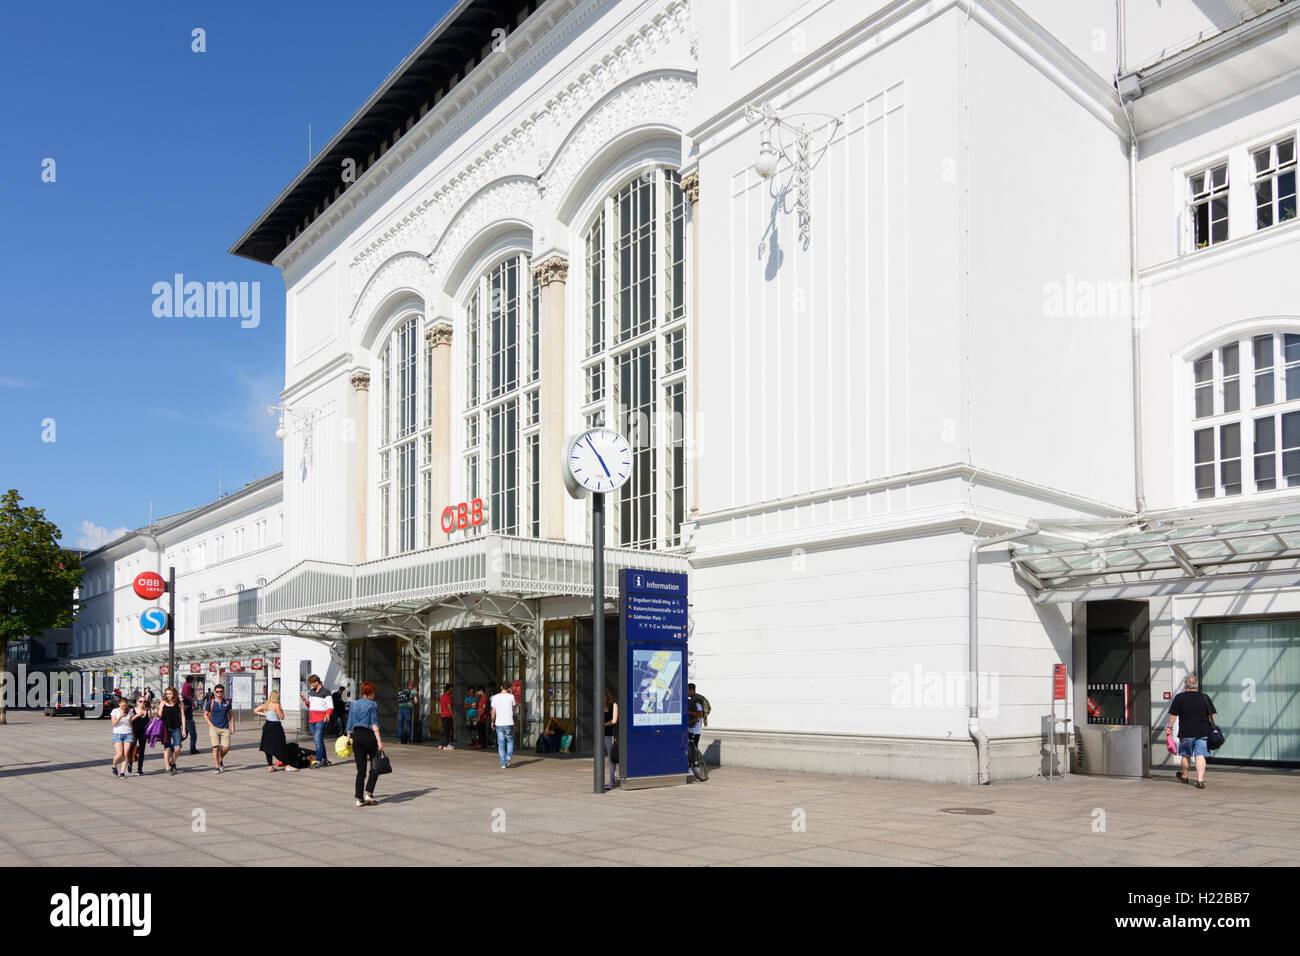 Salzburg: Salzburg Hauptbahnhof (Main Station), , Salzburg, Austria - Stock Image